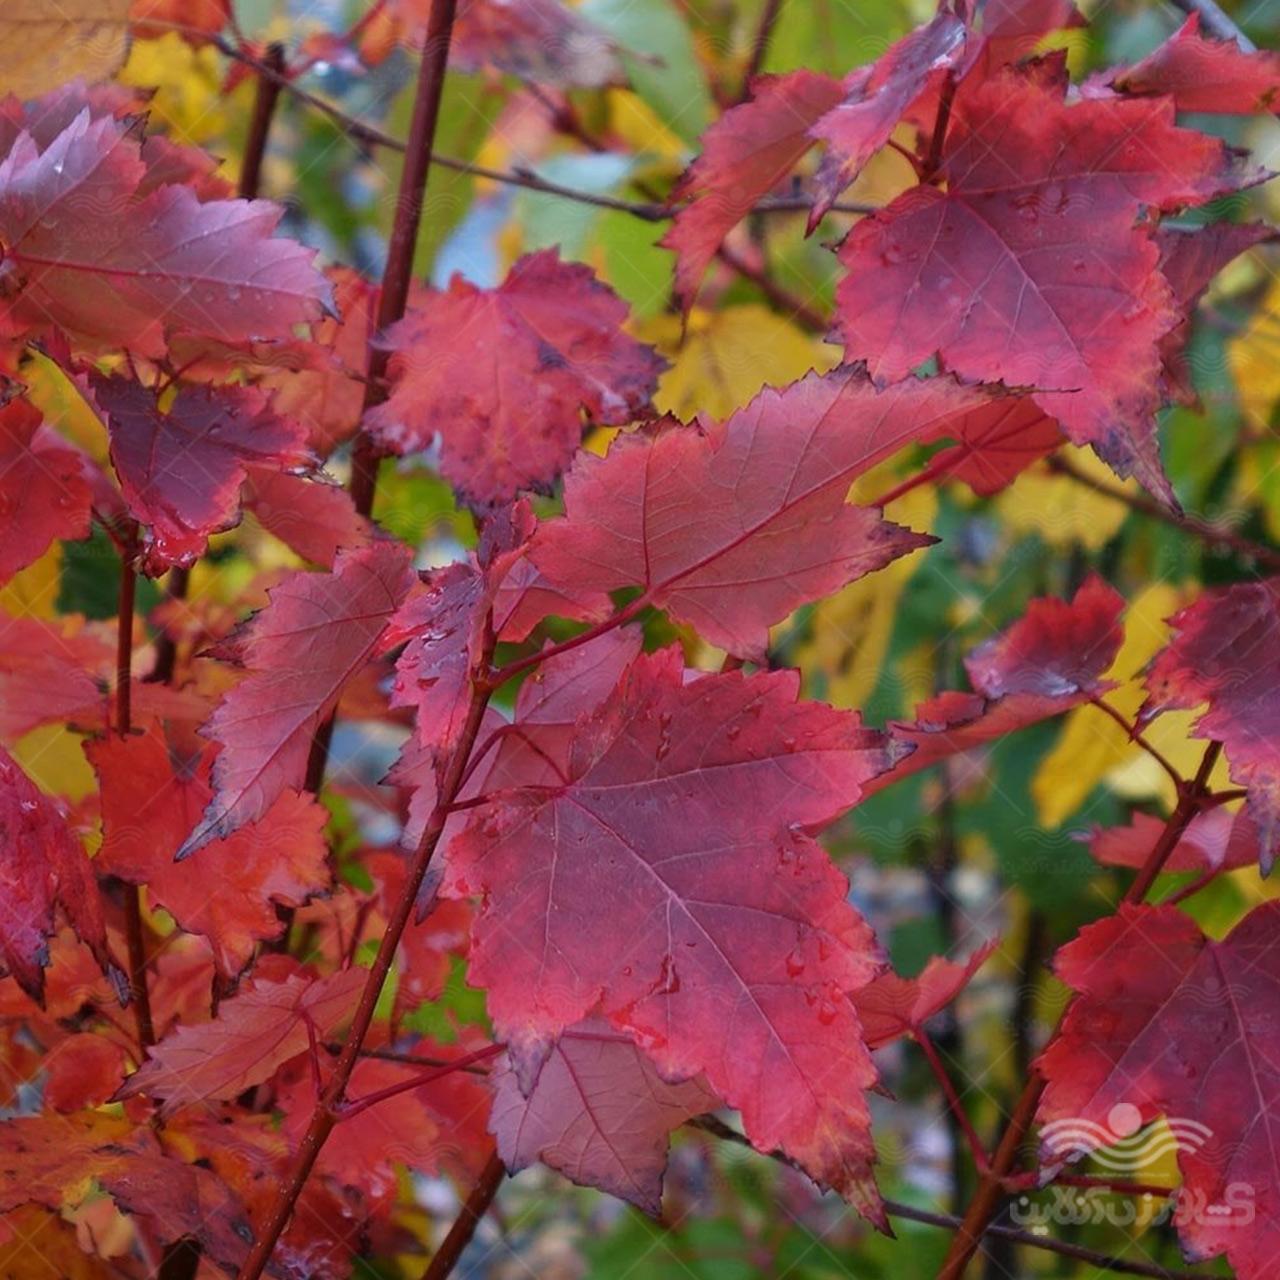 بذر درخت افرا روبروم قرمز